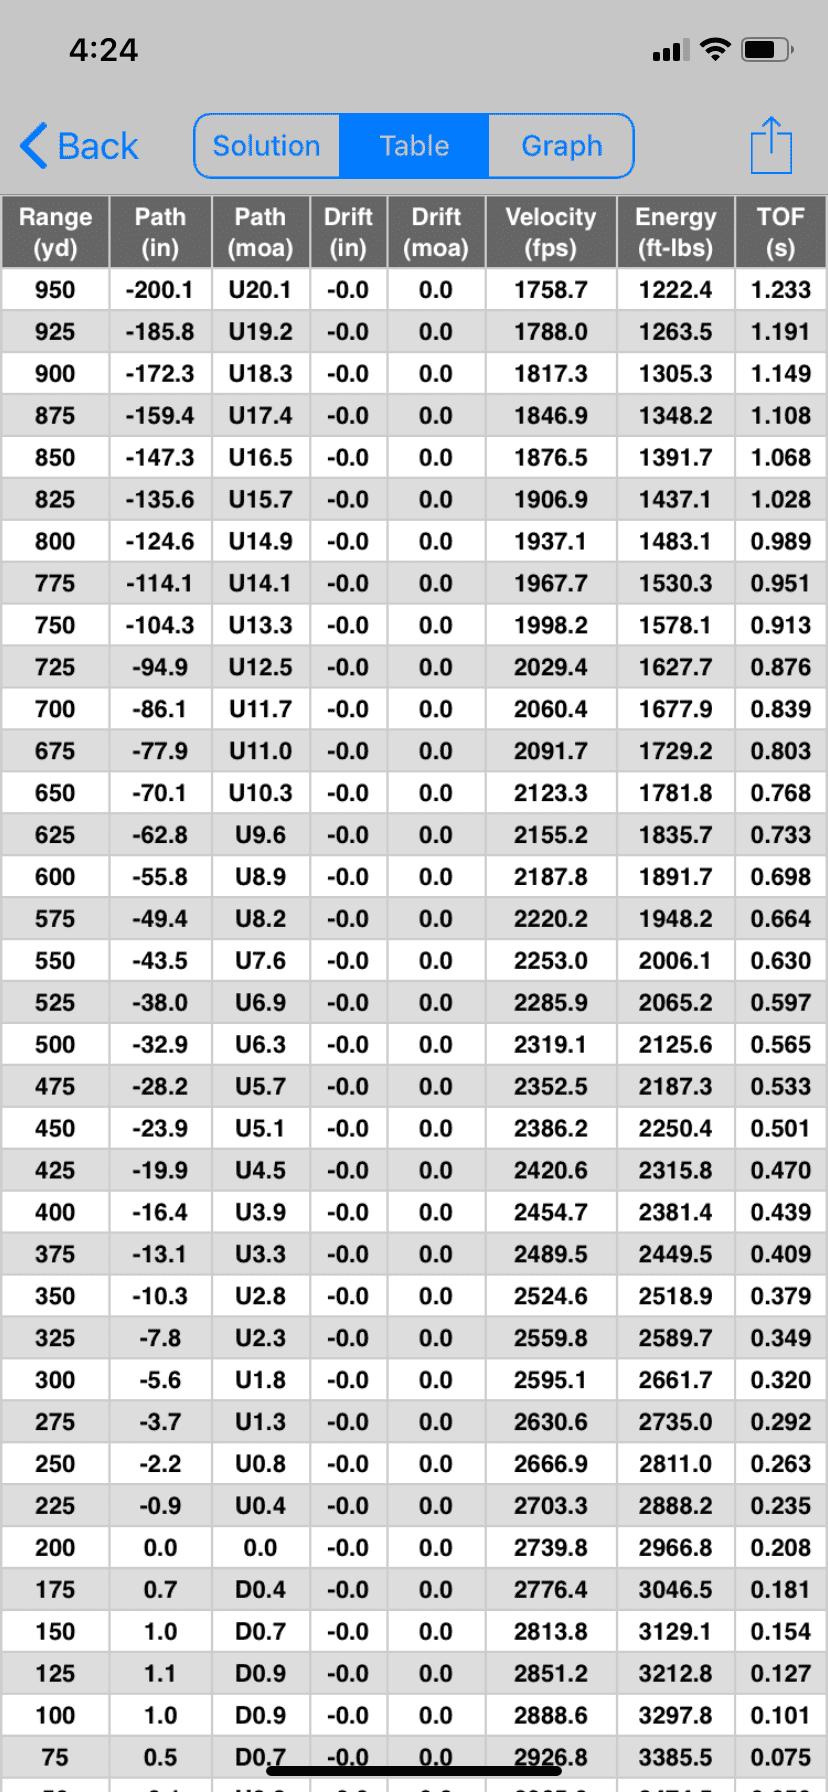 8C6284FF-E2BA-4EAB-B0BA-07FD4E4CD951.png